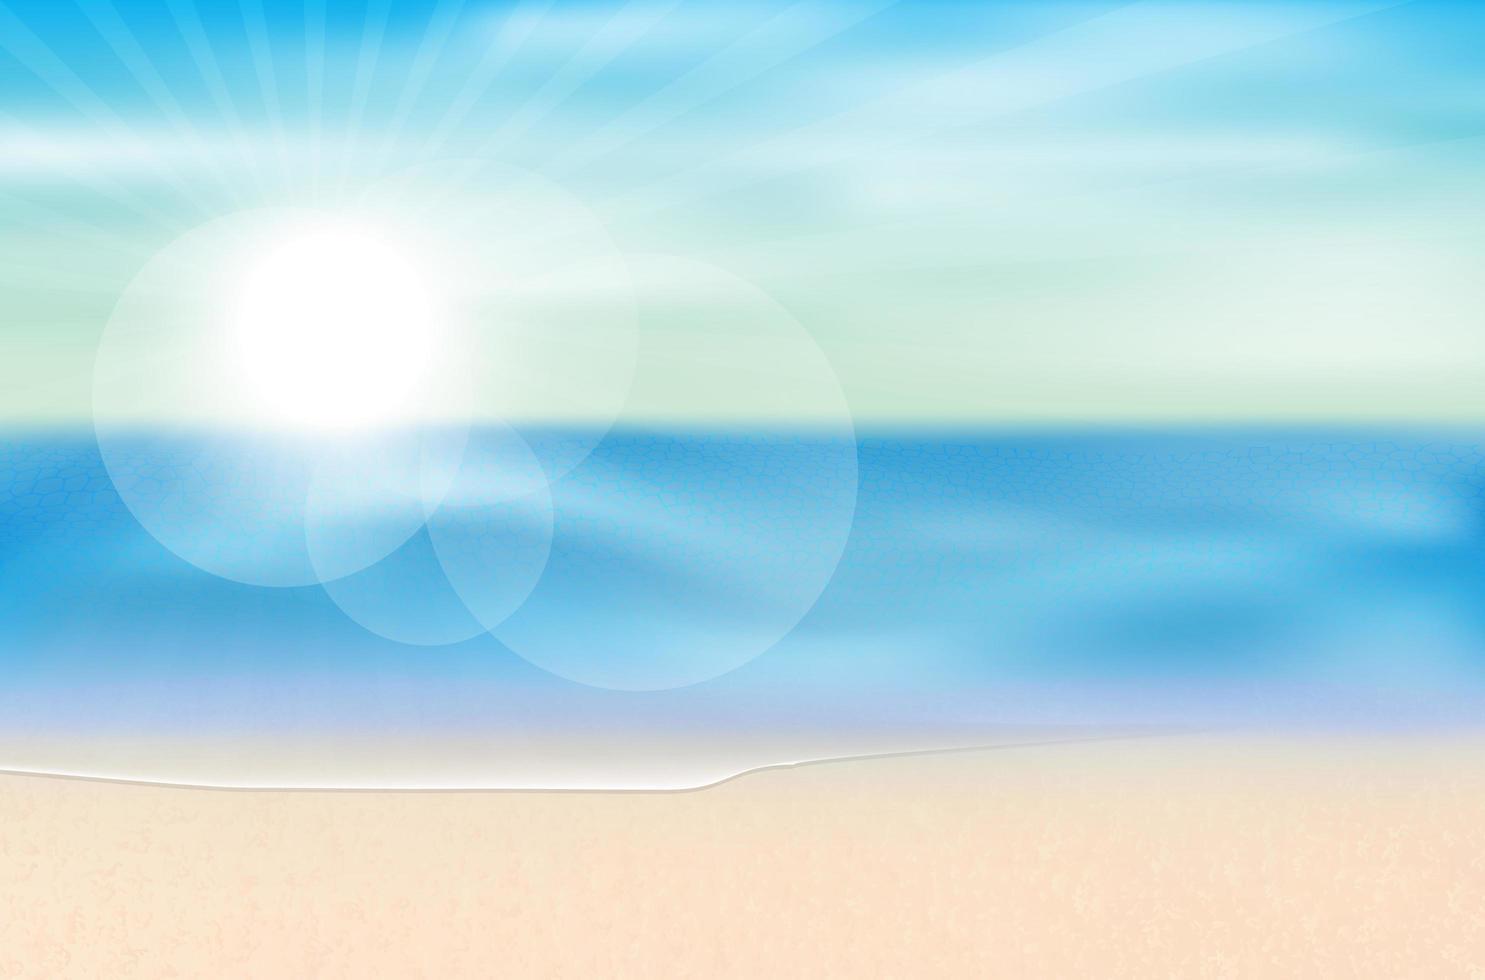 Meerblick Sommerstrand Sonne Hintergrund vektor